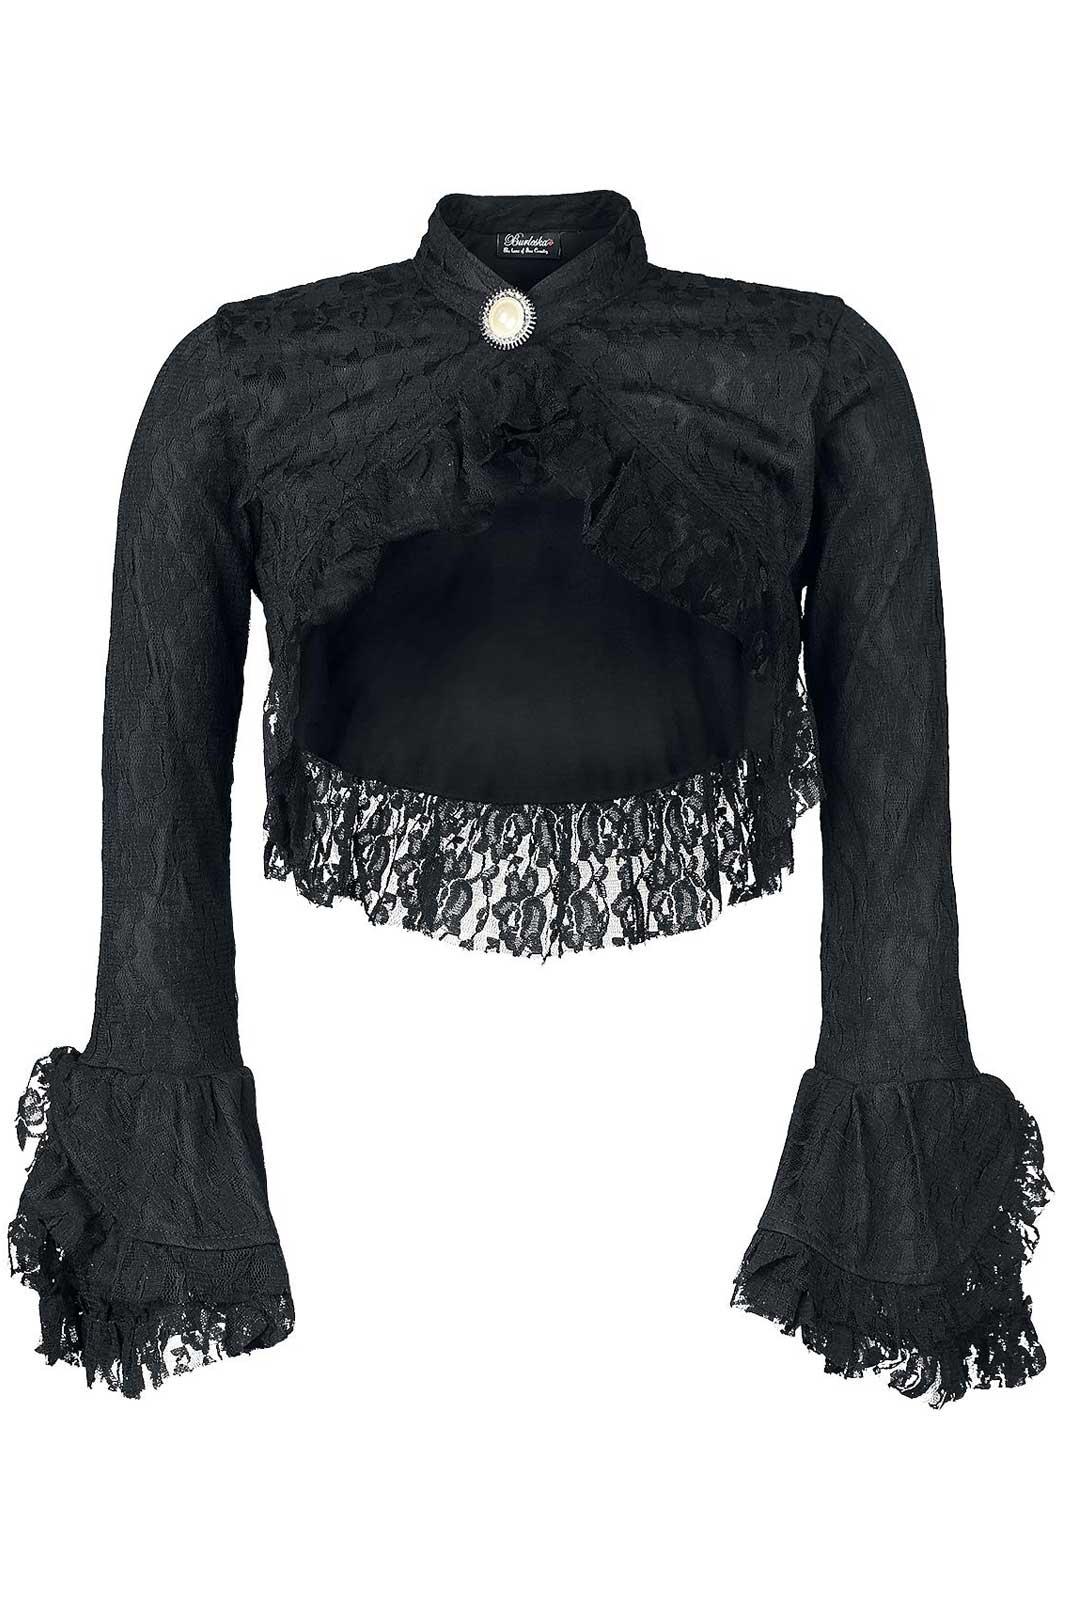 Dita Lace Bolero Black Front